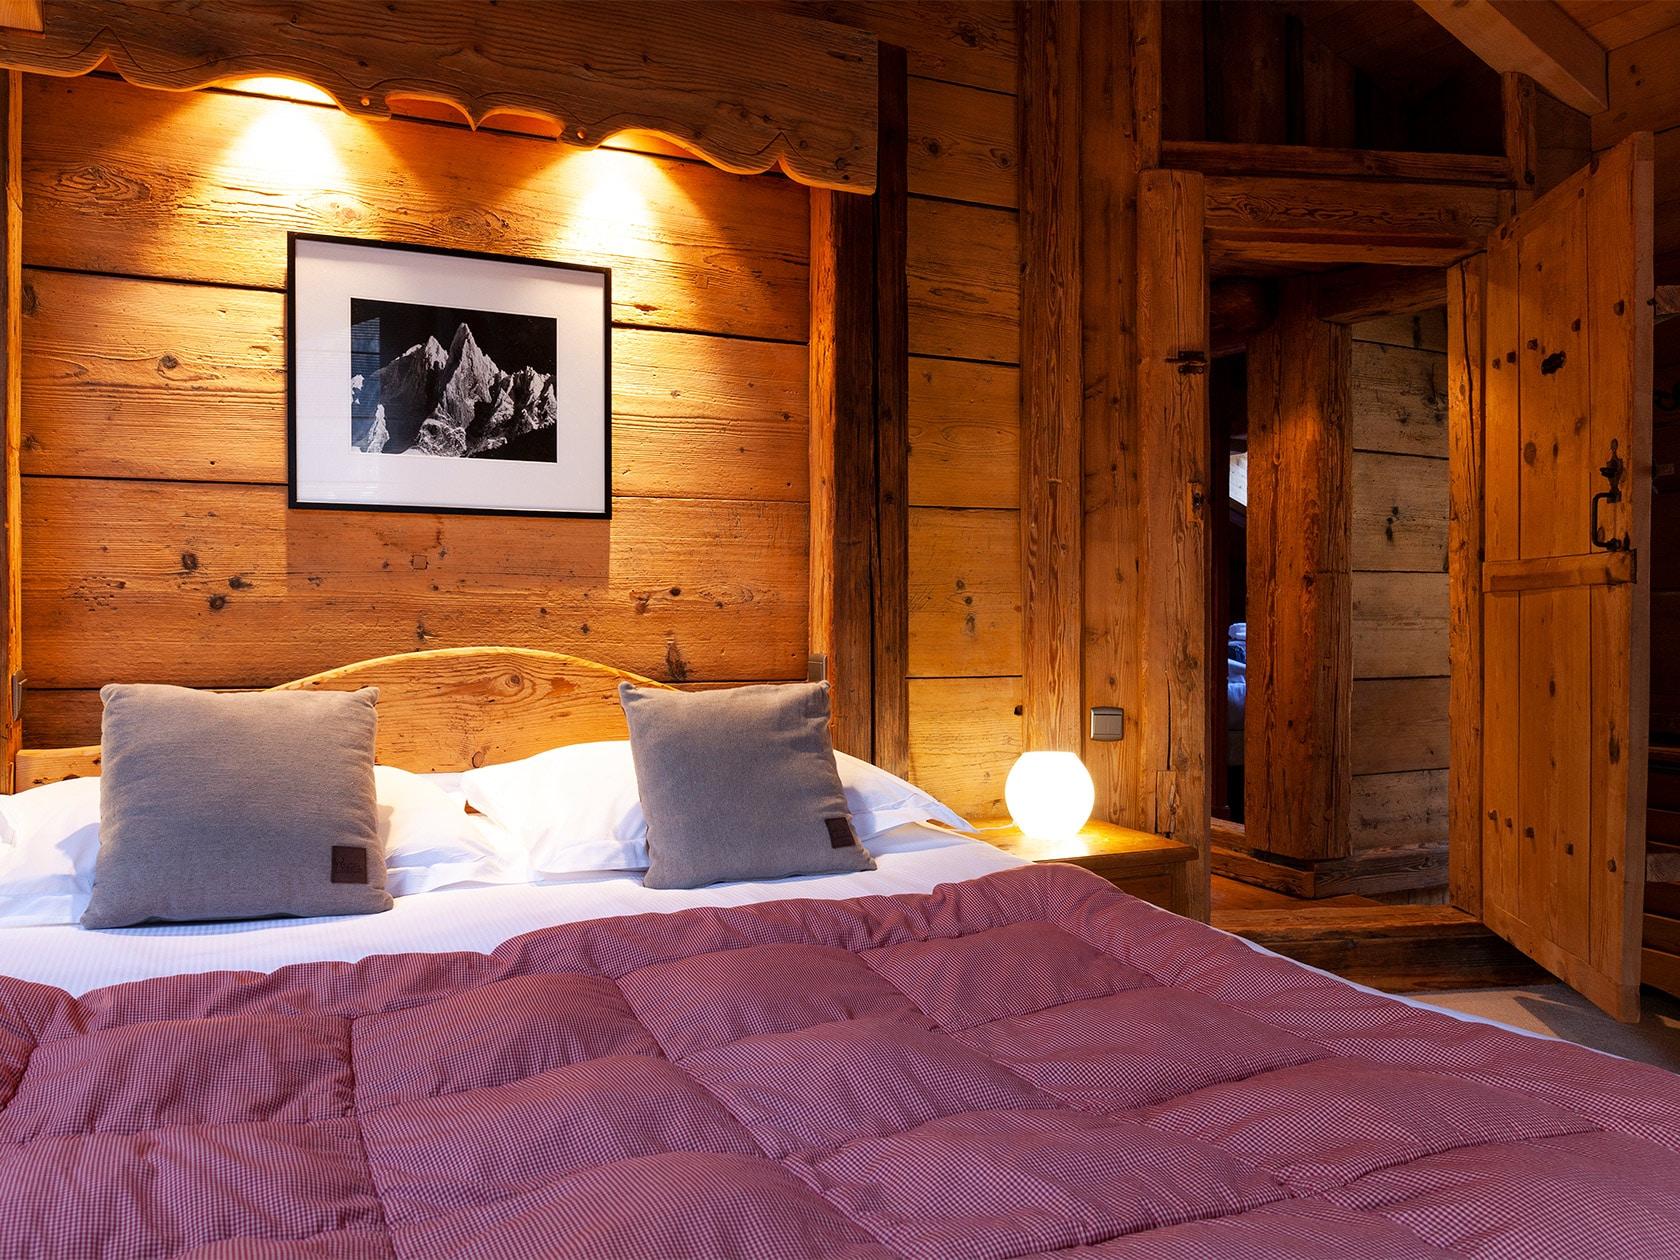 Chalet des bois location vacances chamonix